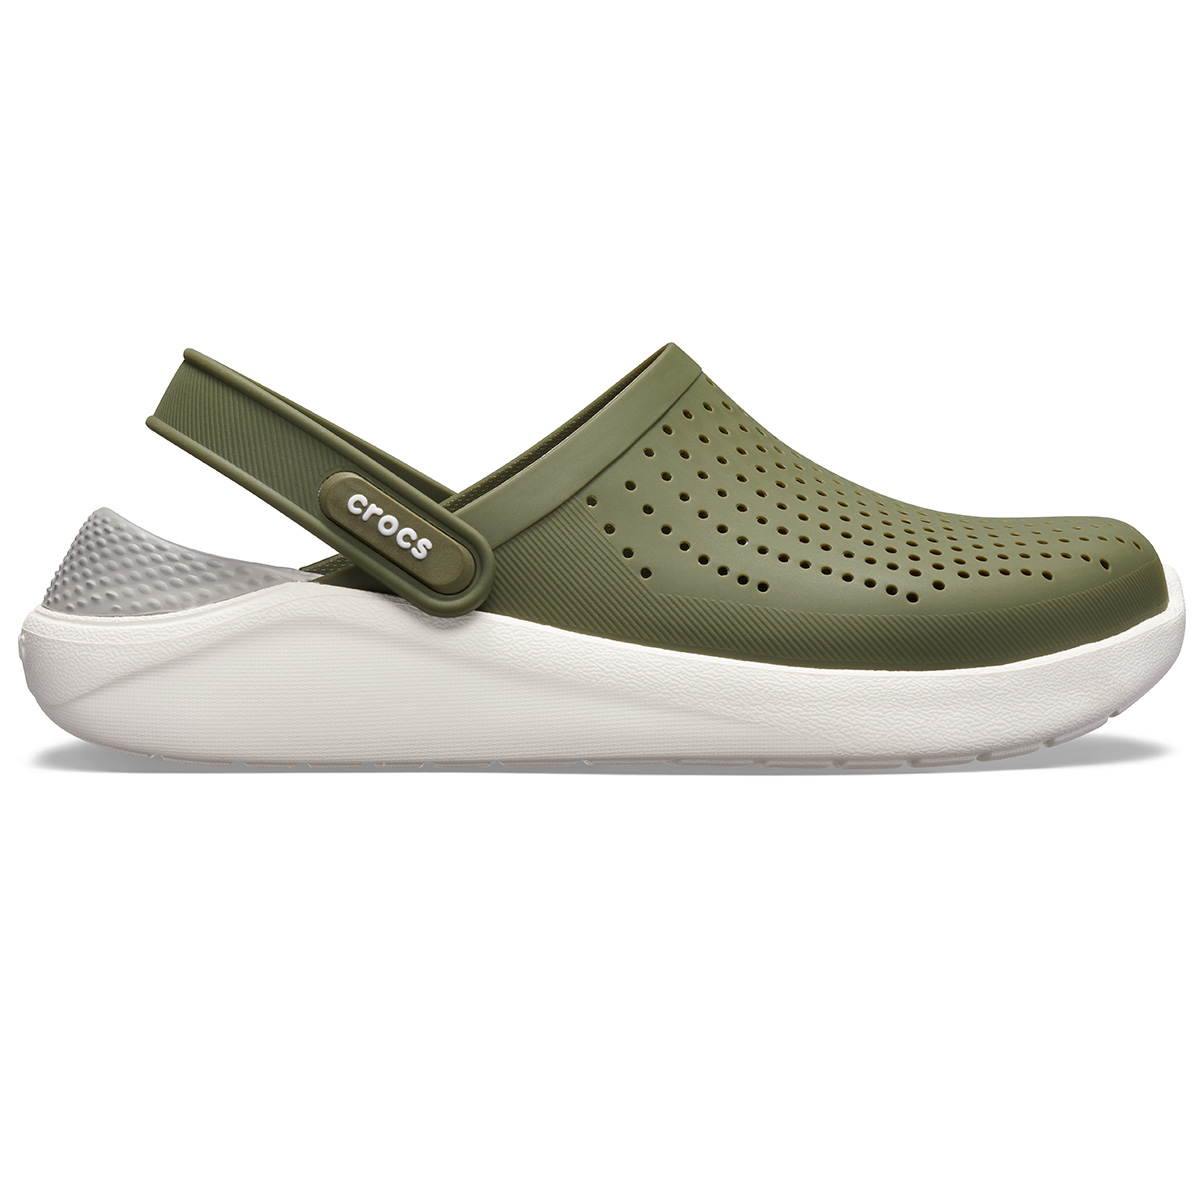 LiteRide Clog - Askeri yeşil/Beyaz